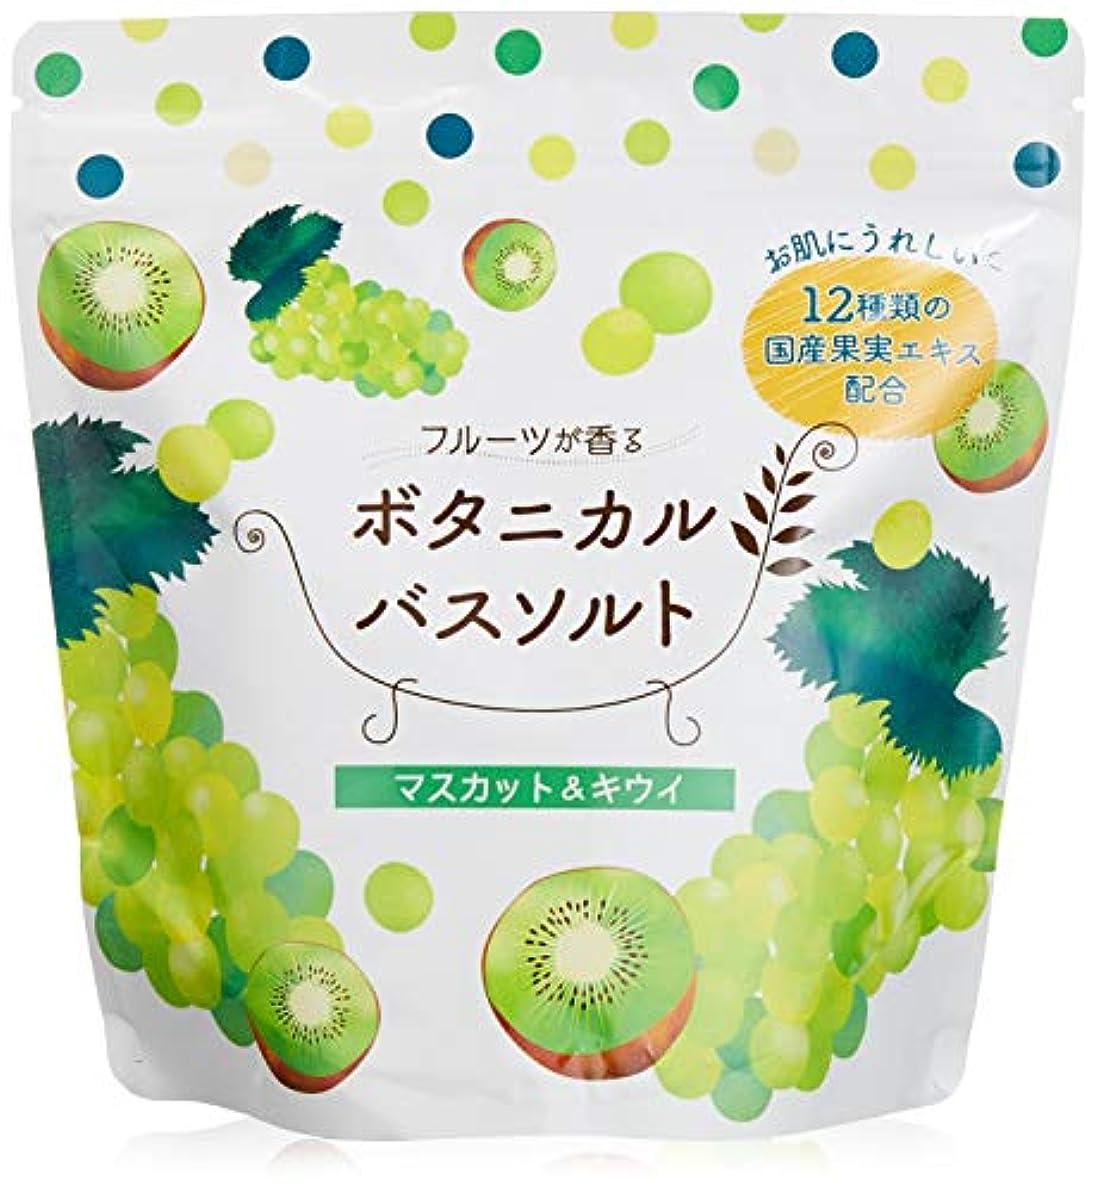 セットアップエキゾチック不平を言う松田医薬品 フルーツが香るボタニカルバスソルト 入浴剤 マスカット キウイ 450g